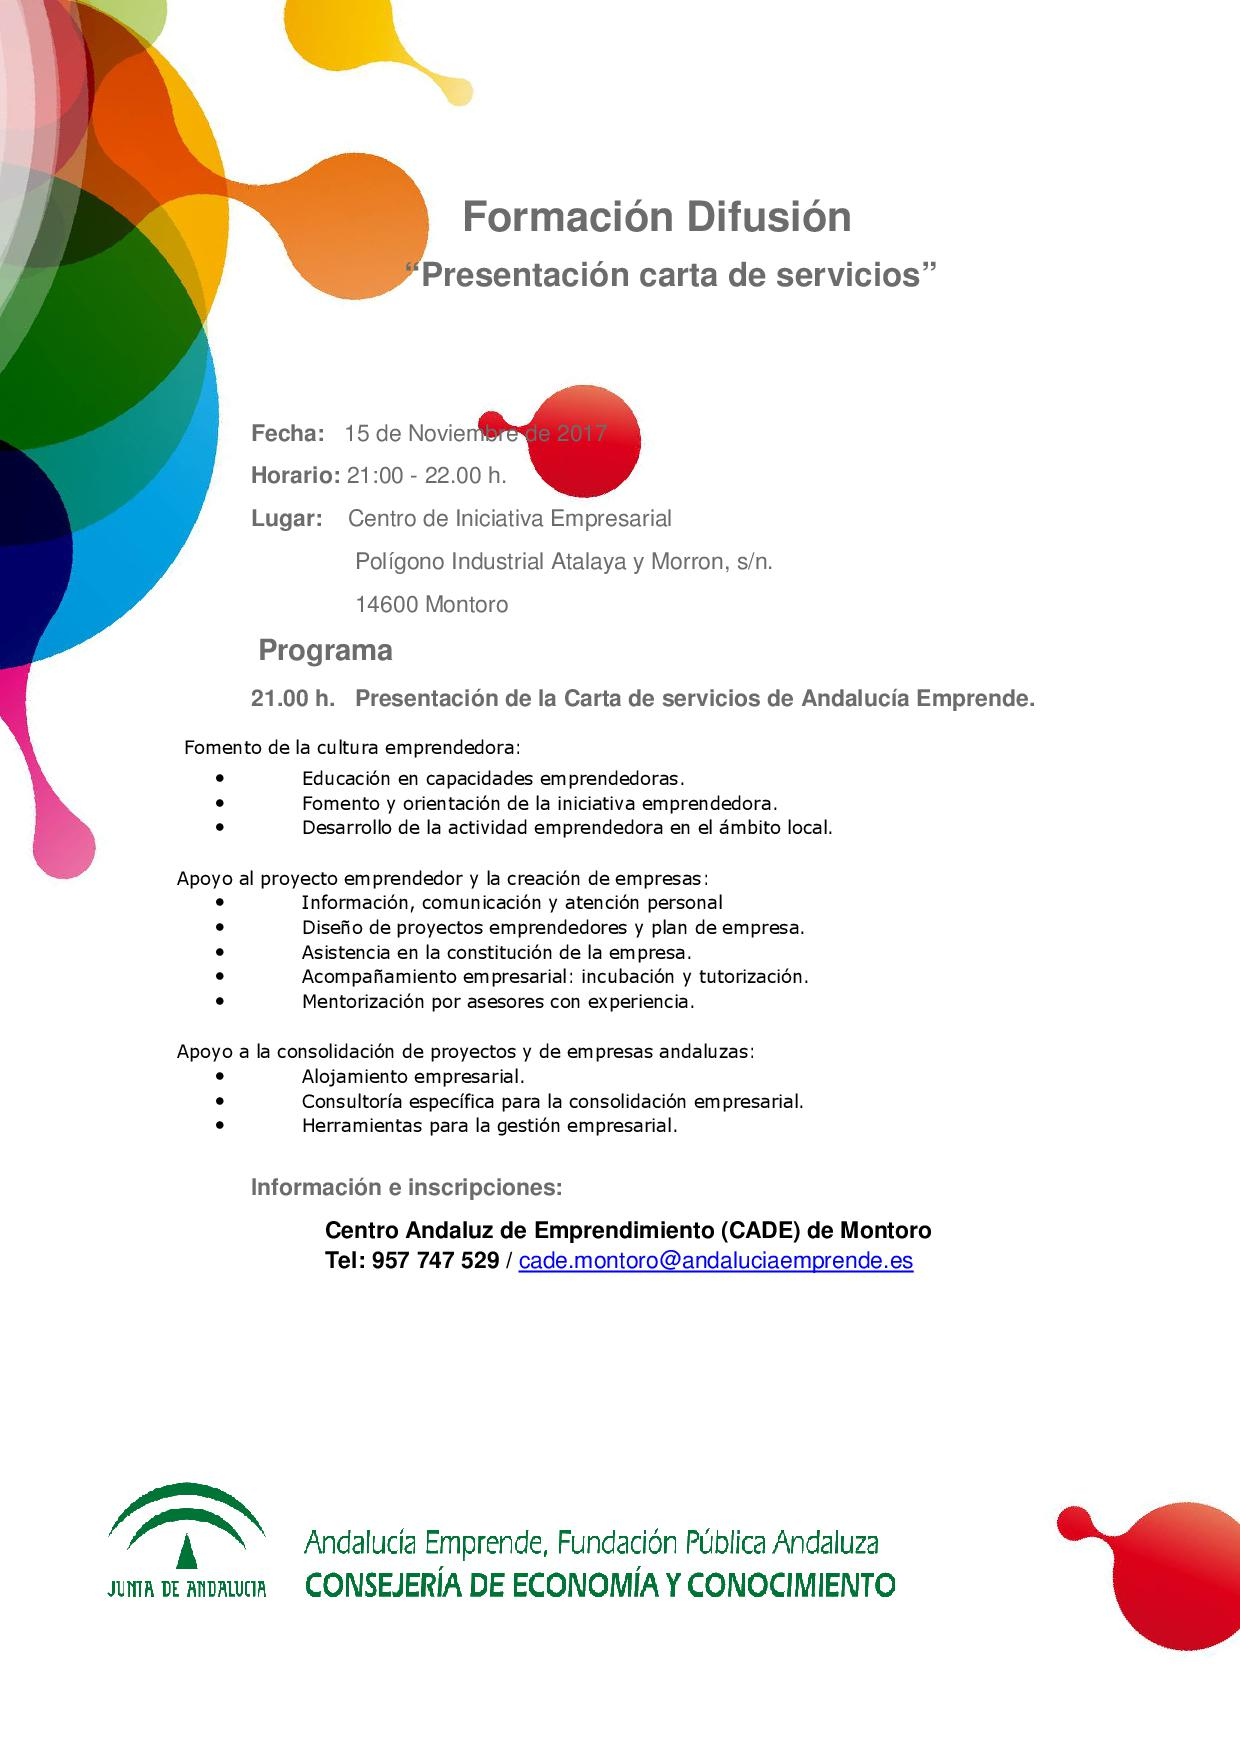 Presentacion Carta De Servicios Andalucia Emprende Fundacion